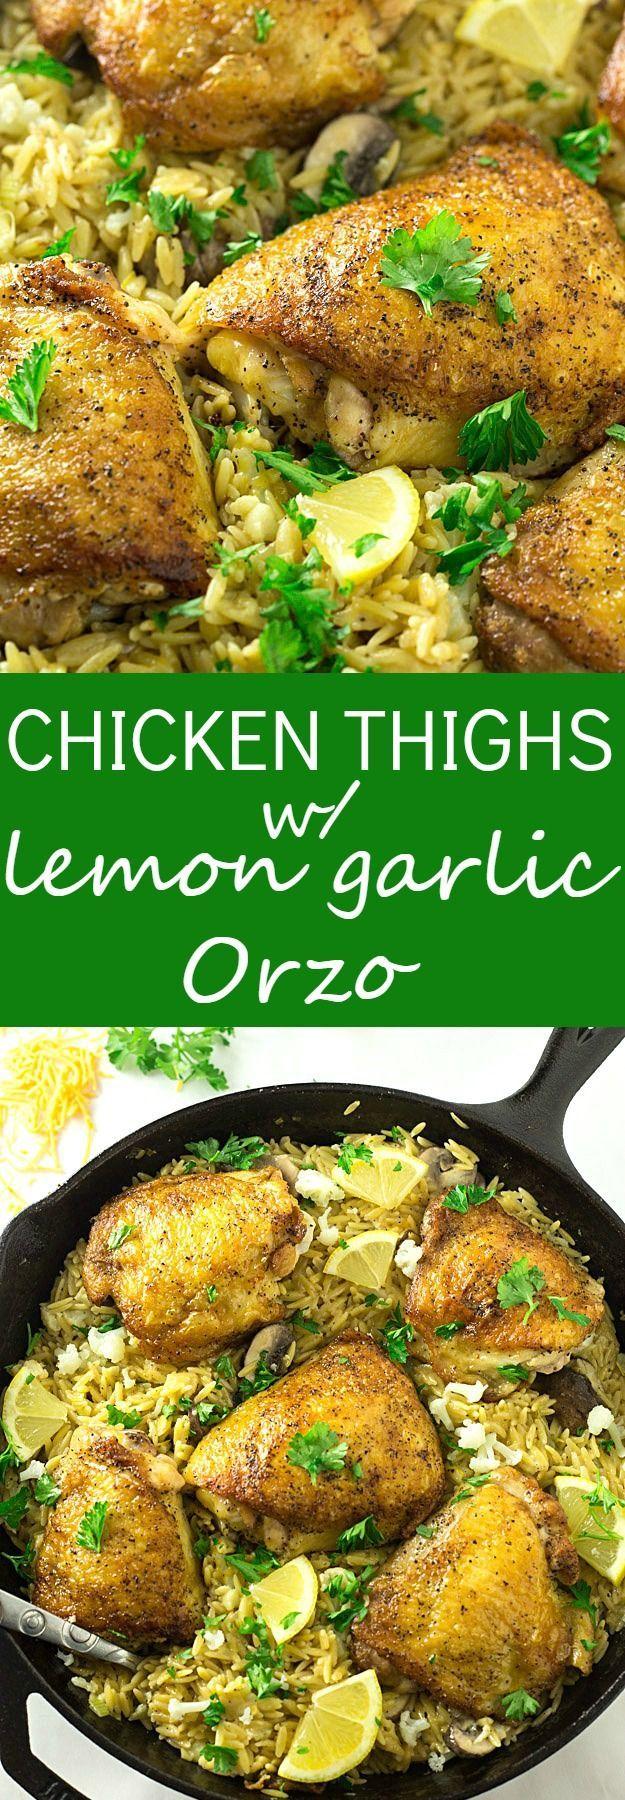 ... Chicken on Pinterest | Baked chicken, Grilled chicken and Chicken